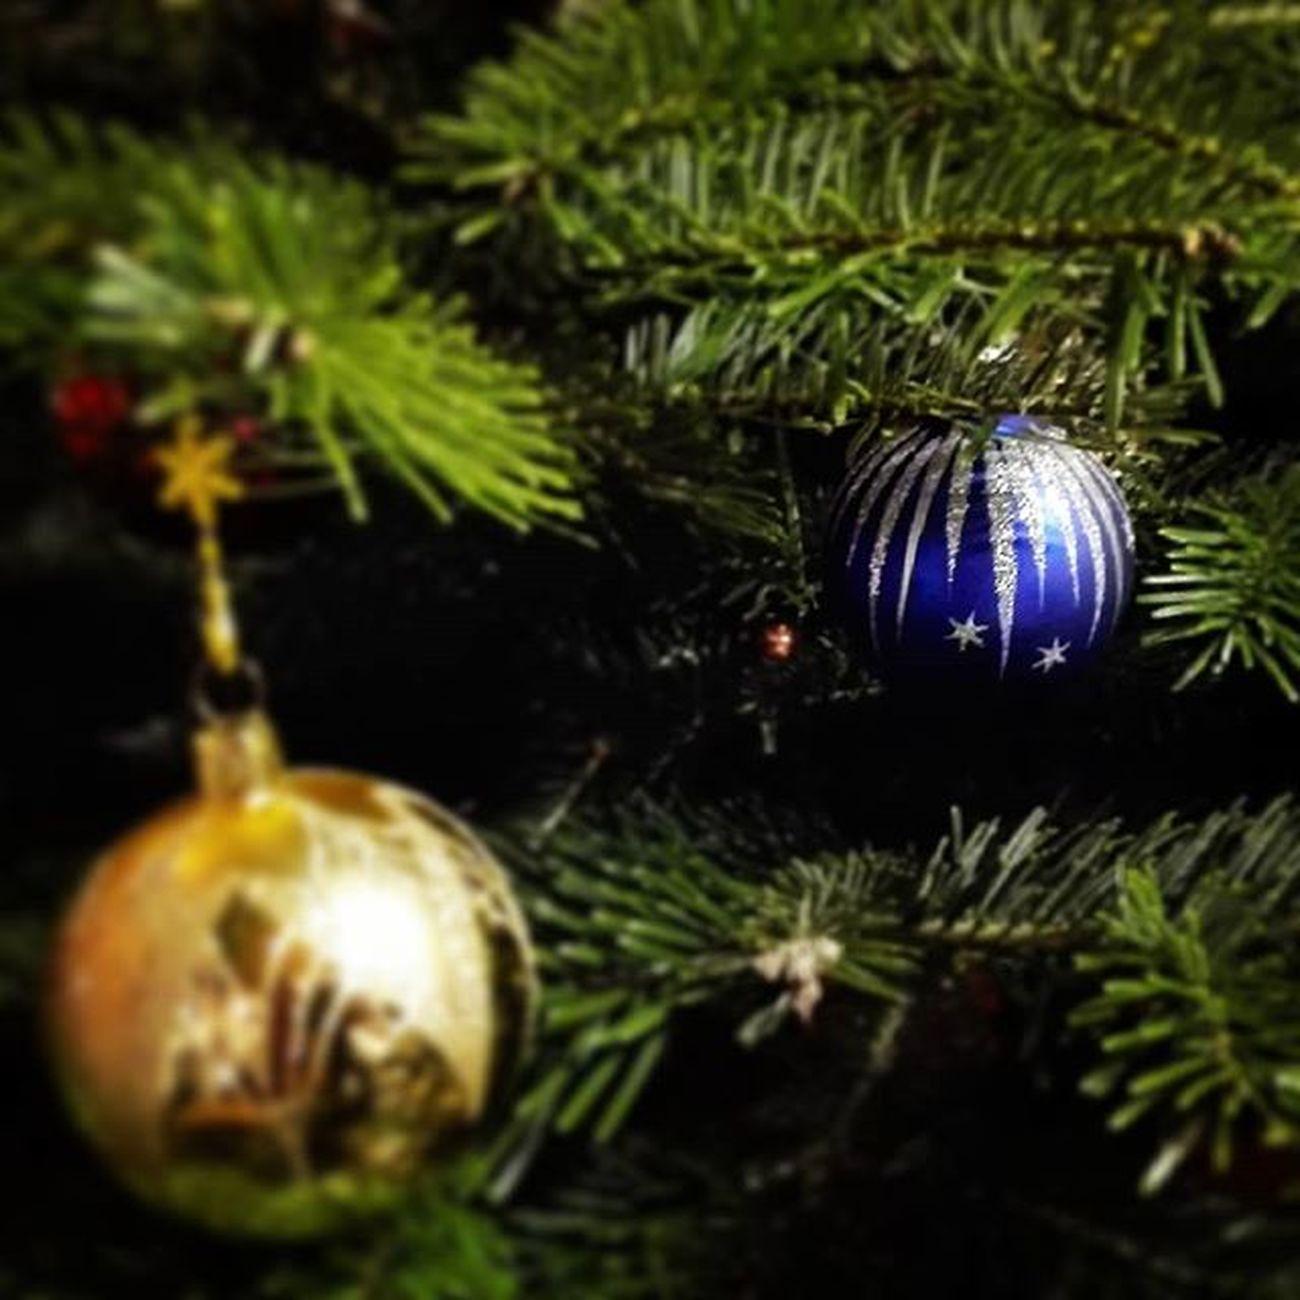 MerryChristmas Christmastree FroheWeihnachten Christbaum Christbaumkugeln Christbaumschmuck Christmasinaustria Austria Holiday Stillenacht Silentnight Christkind Winter